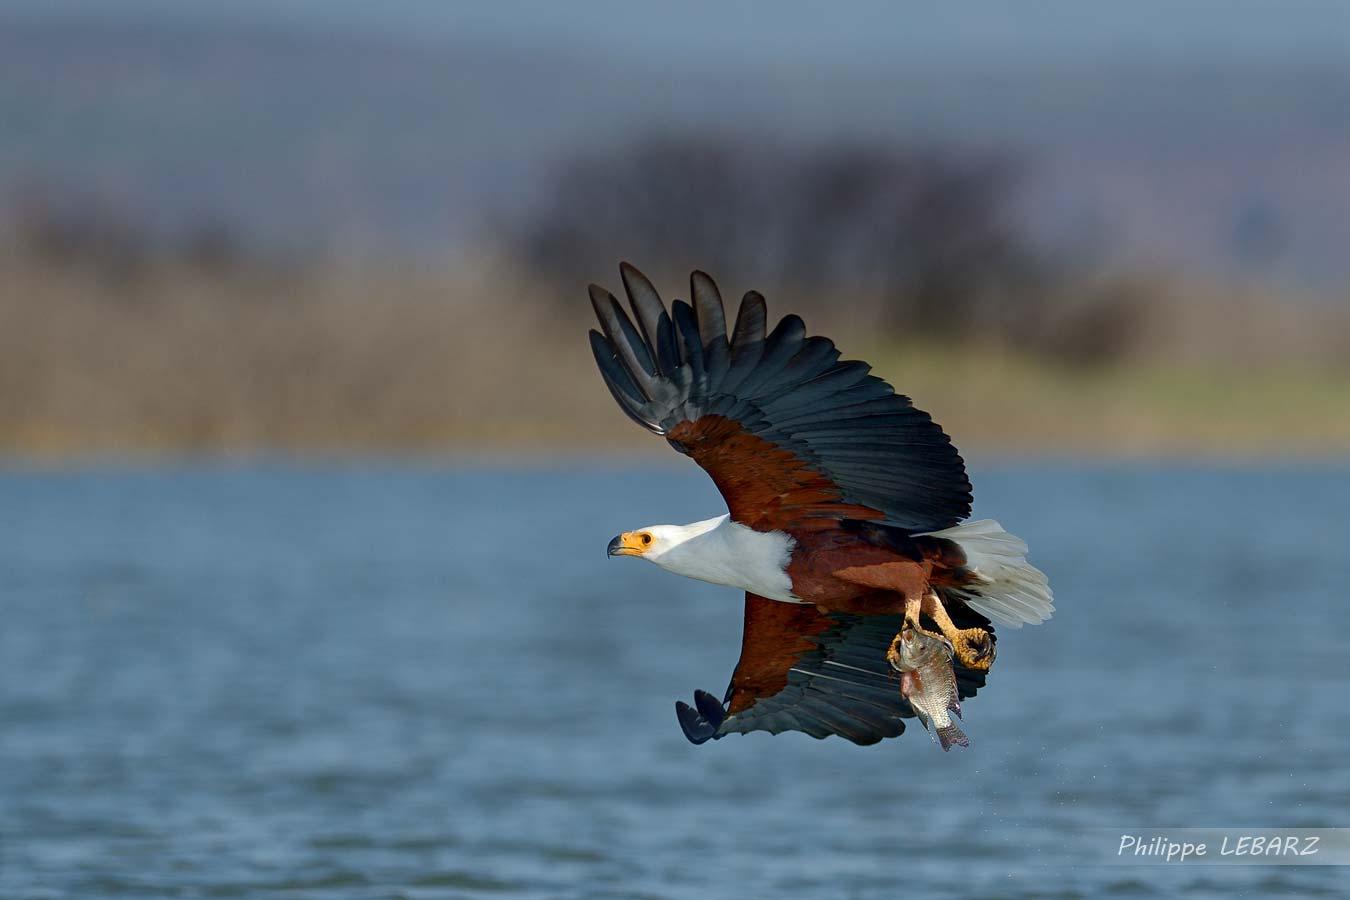 Pygargue vocifère (souvent appelé Aigle pécheur) au bord du lac Baringo - Kenya